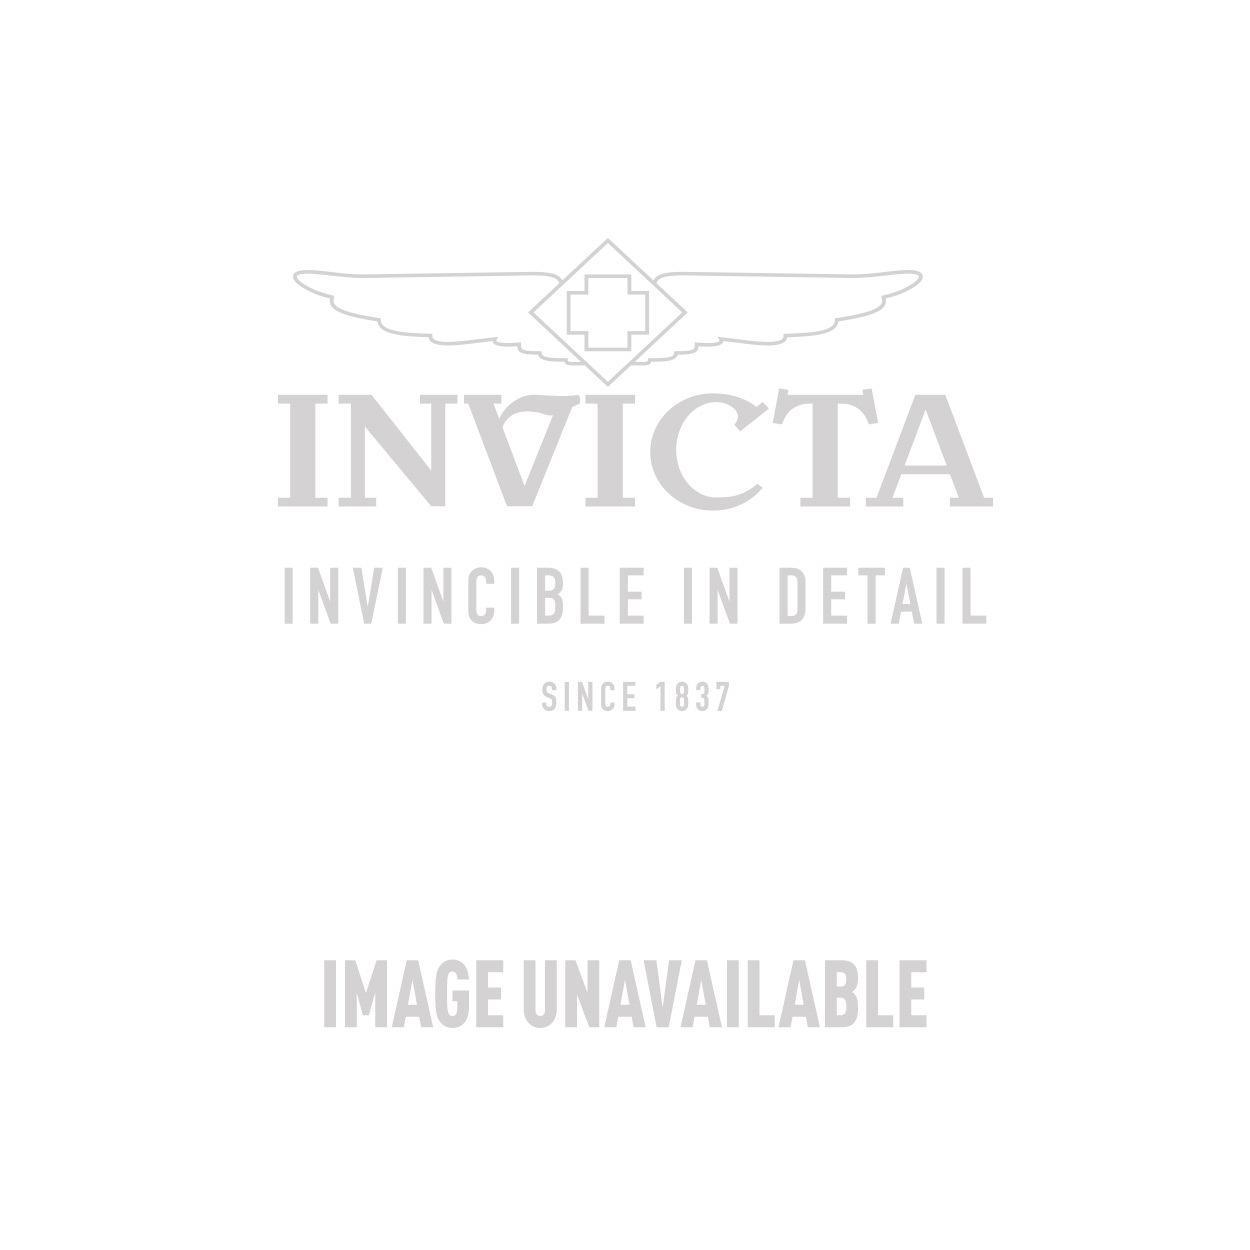 Invicta Model 28082